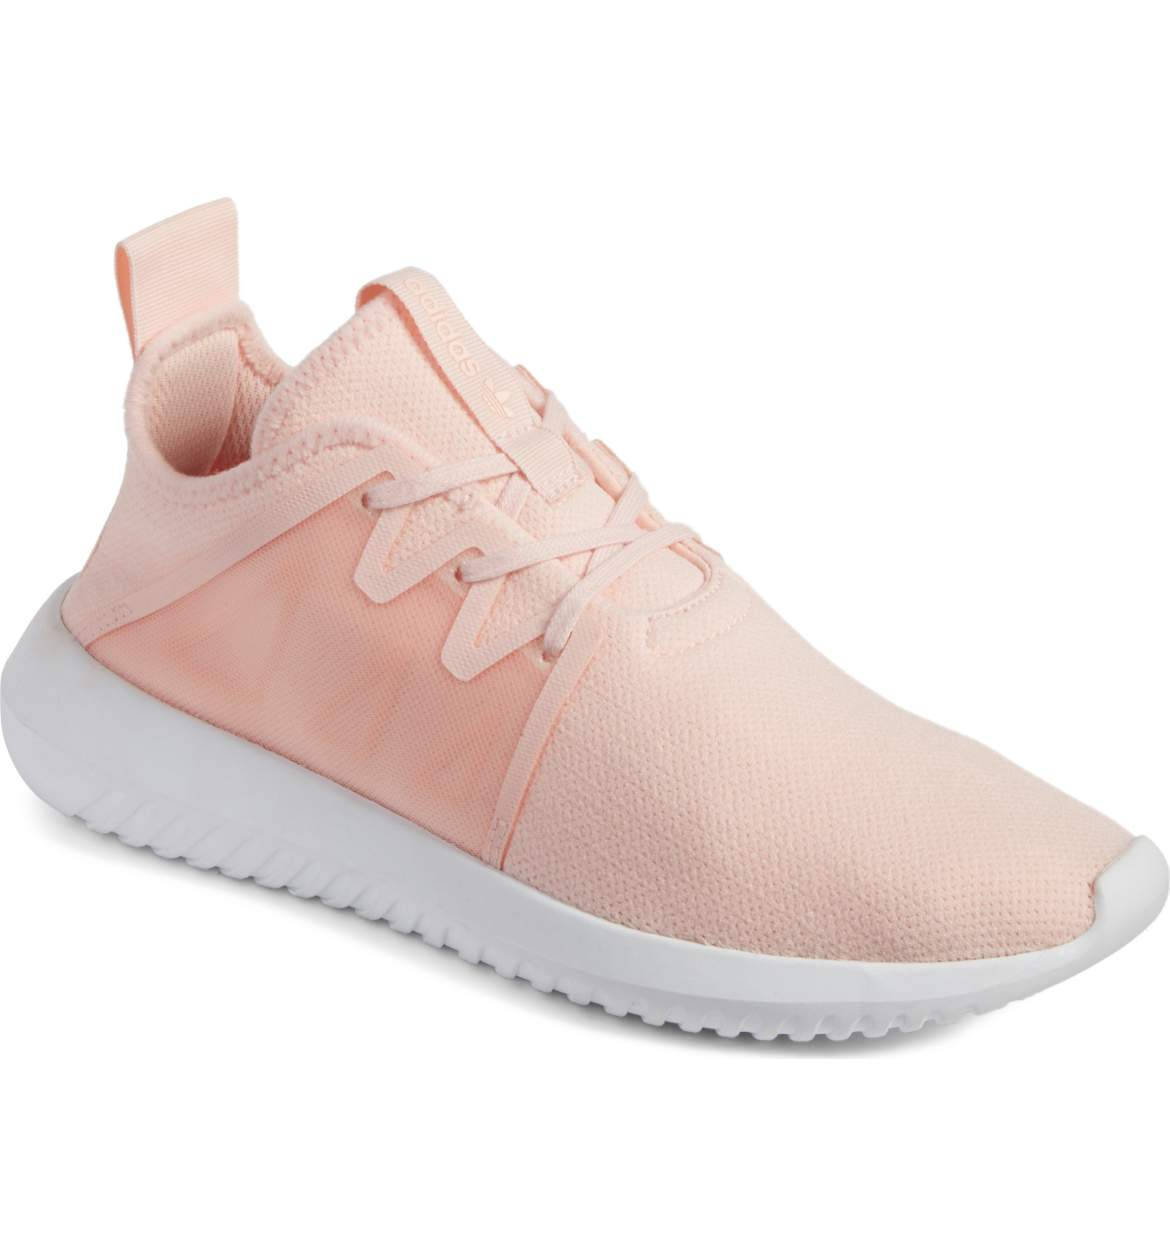 adidas shoe pink.jpg